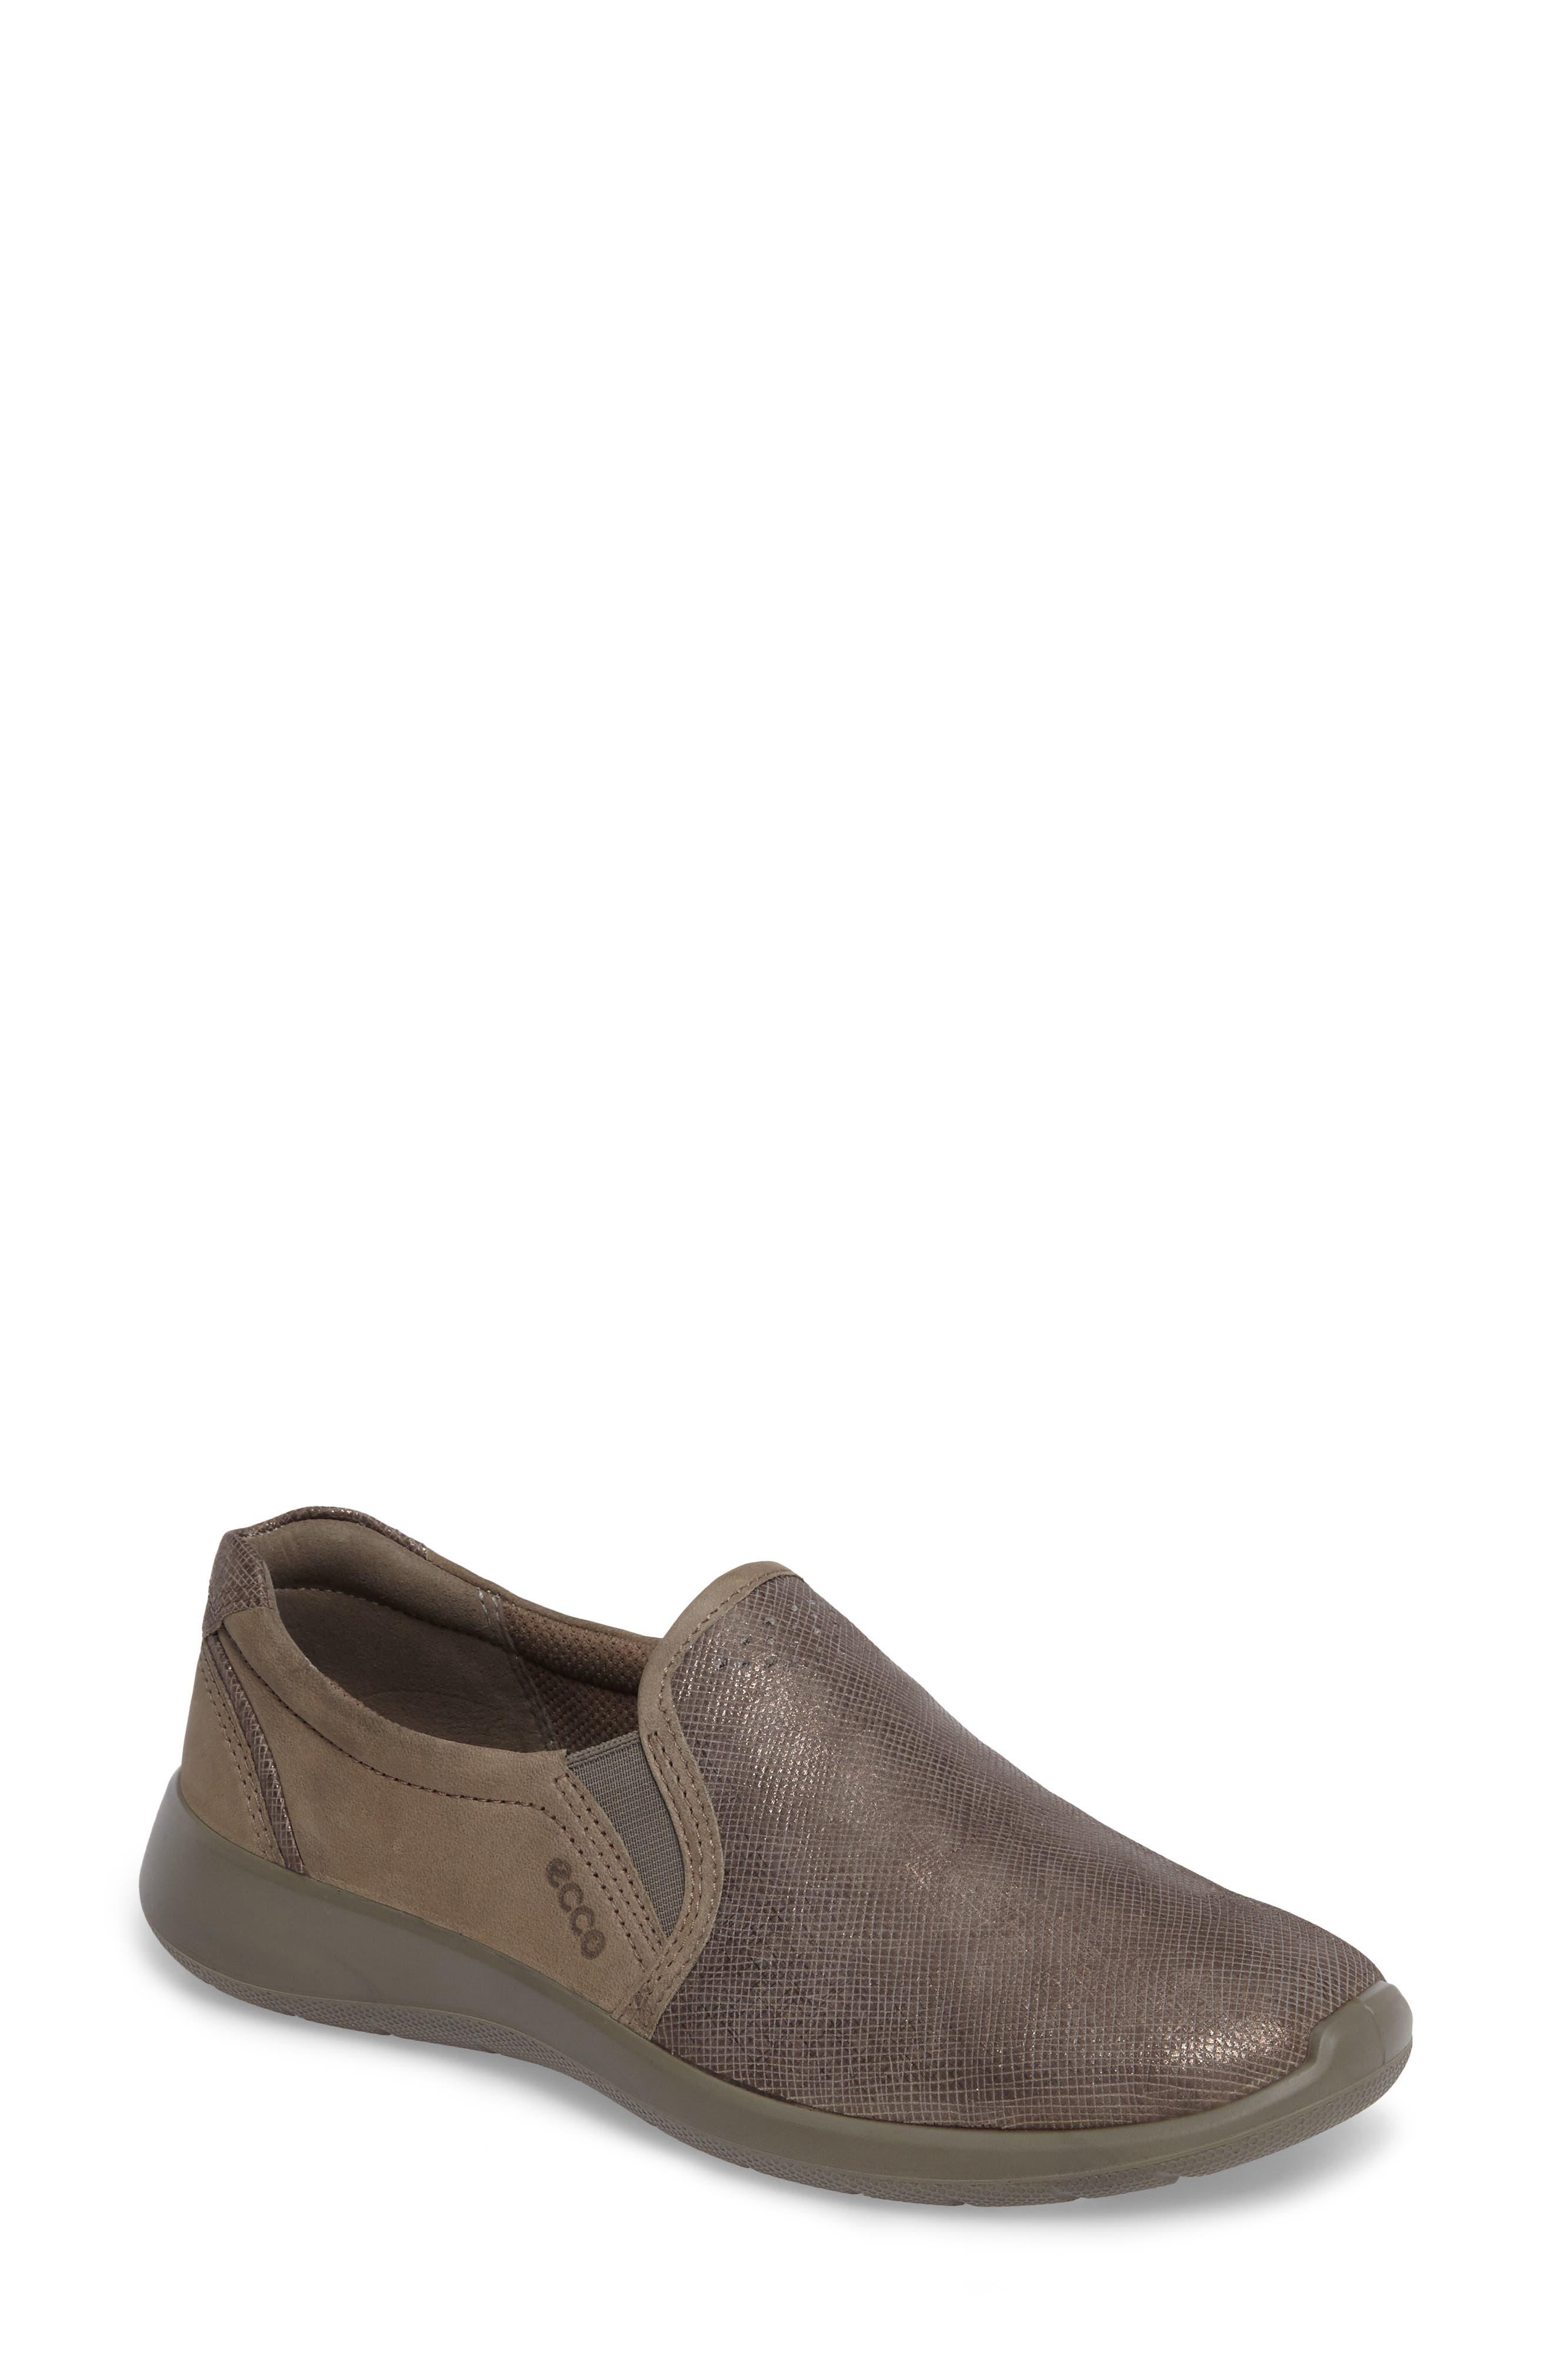 Soft 5 Slip-On Sneaker,                             Main thumbnail 1, color,                             082